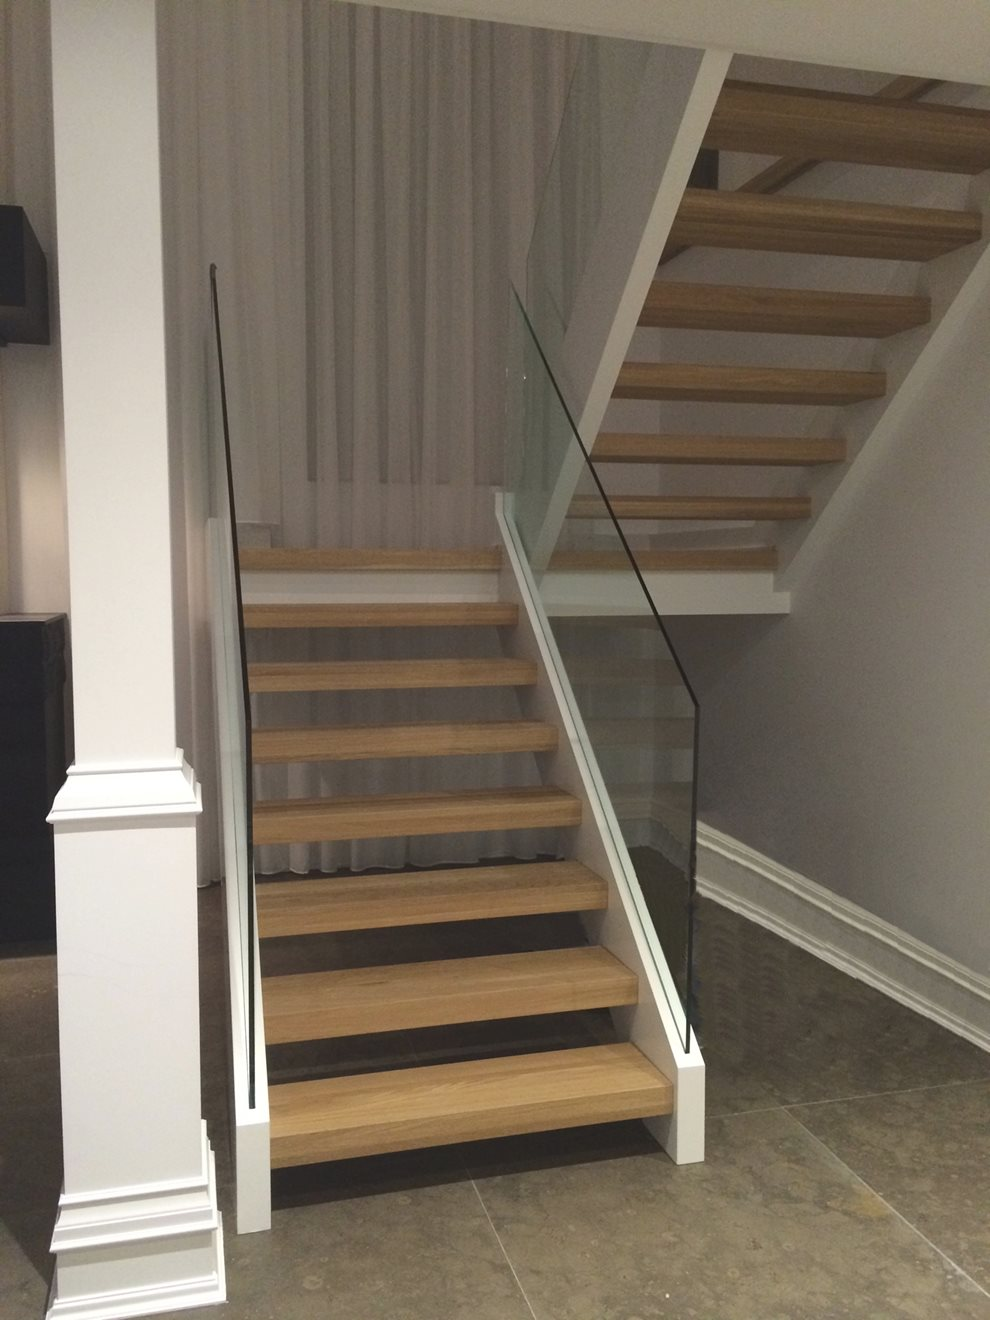 Picture of 13-Escalier panneaux de verre